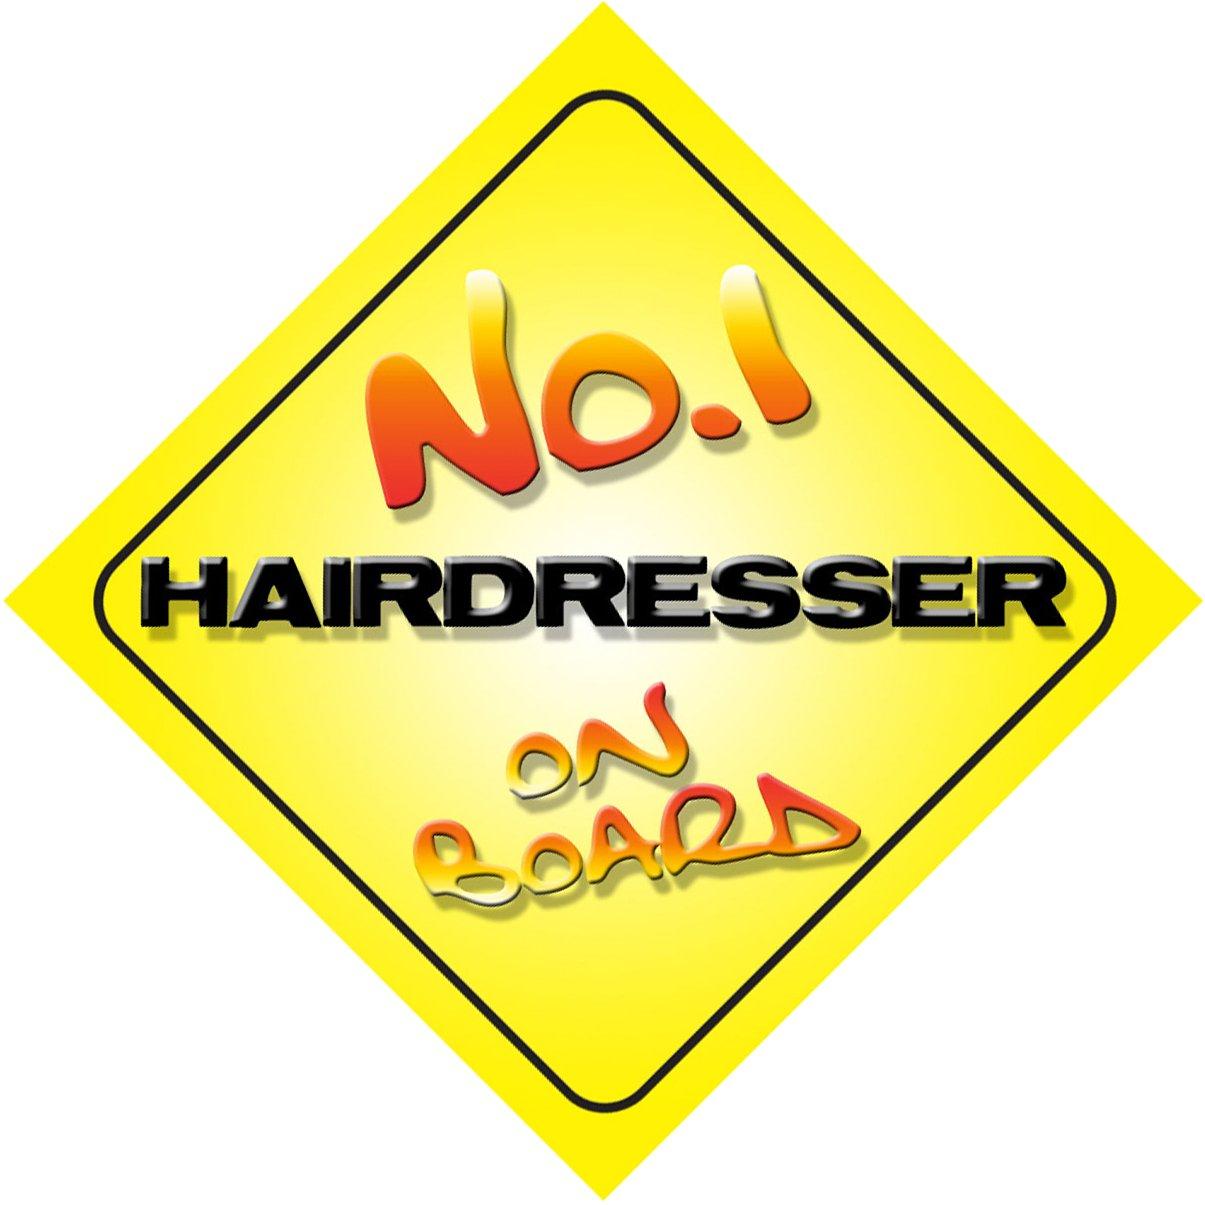 Novelty Gift Promotion No.1 Hairdresser on Board Novelty Car Sign New Job Present